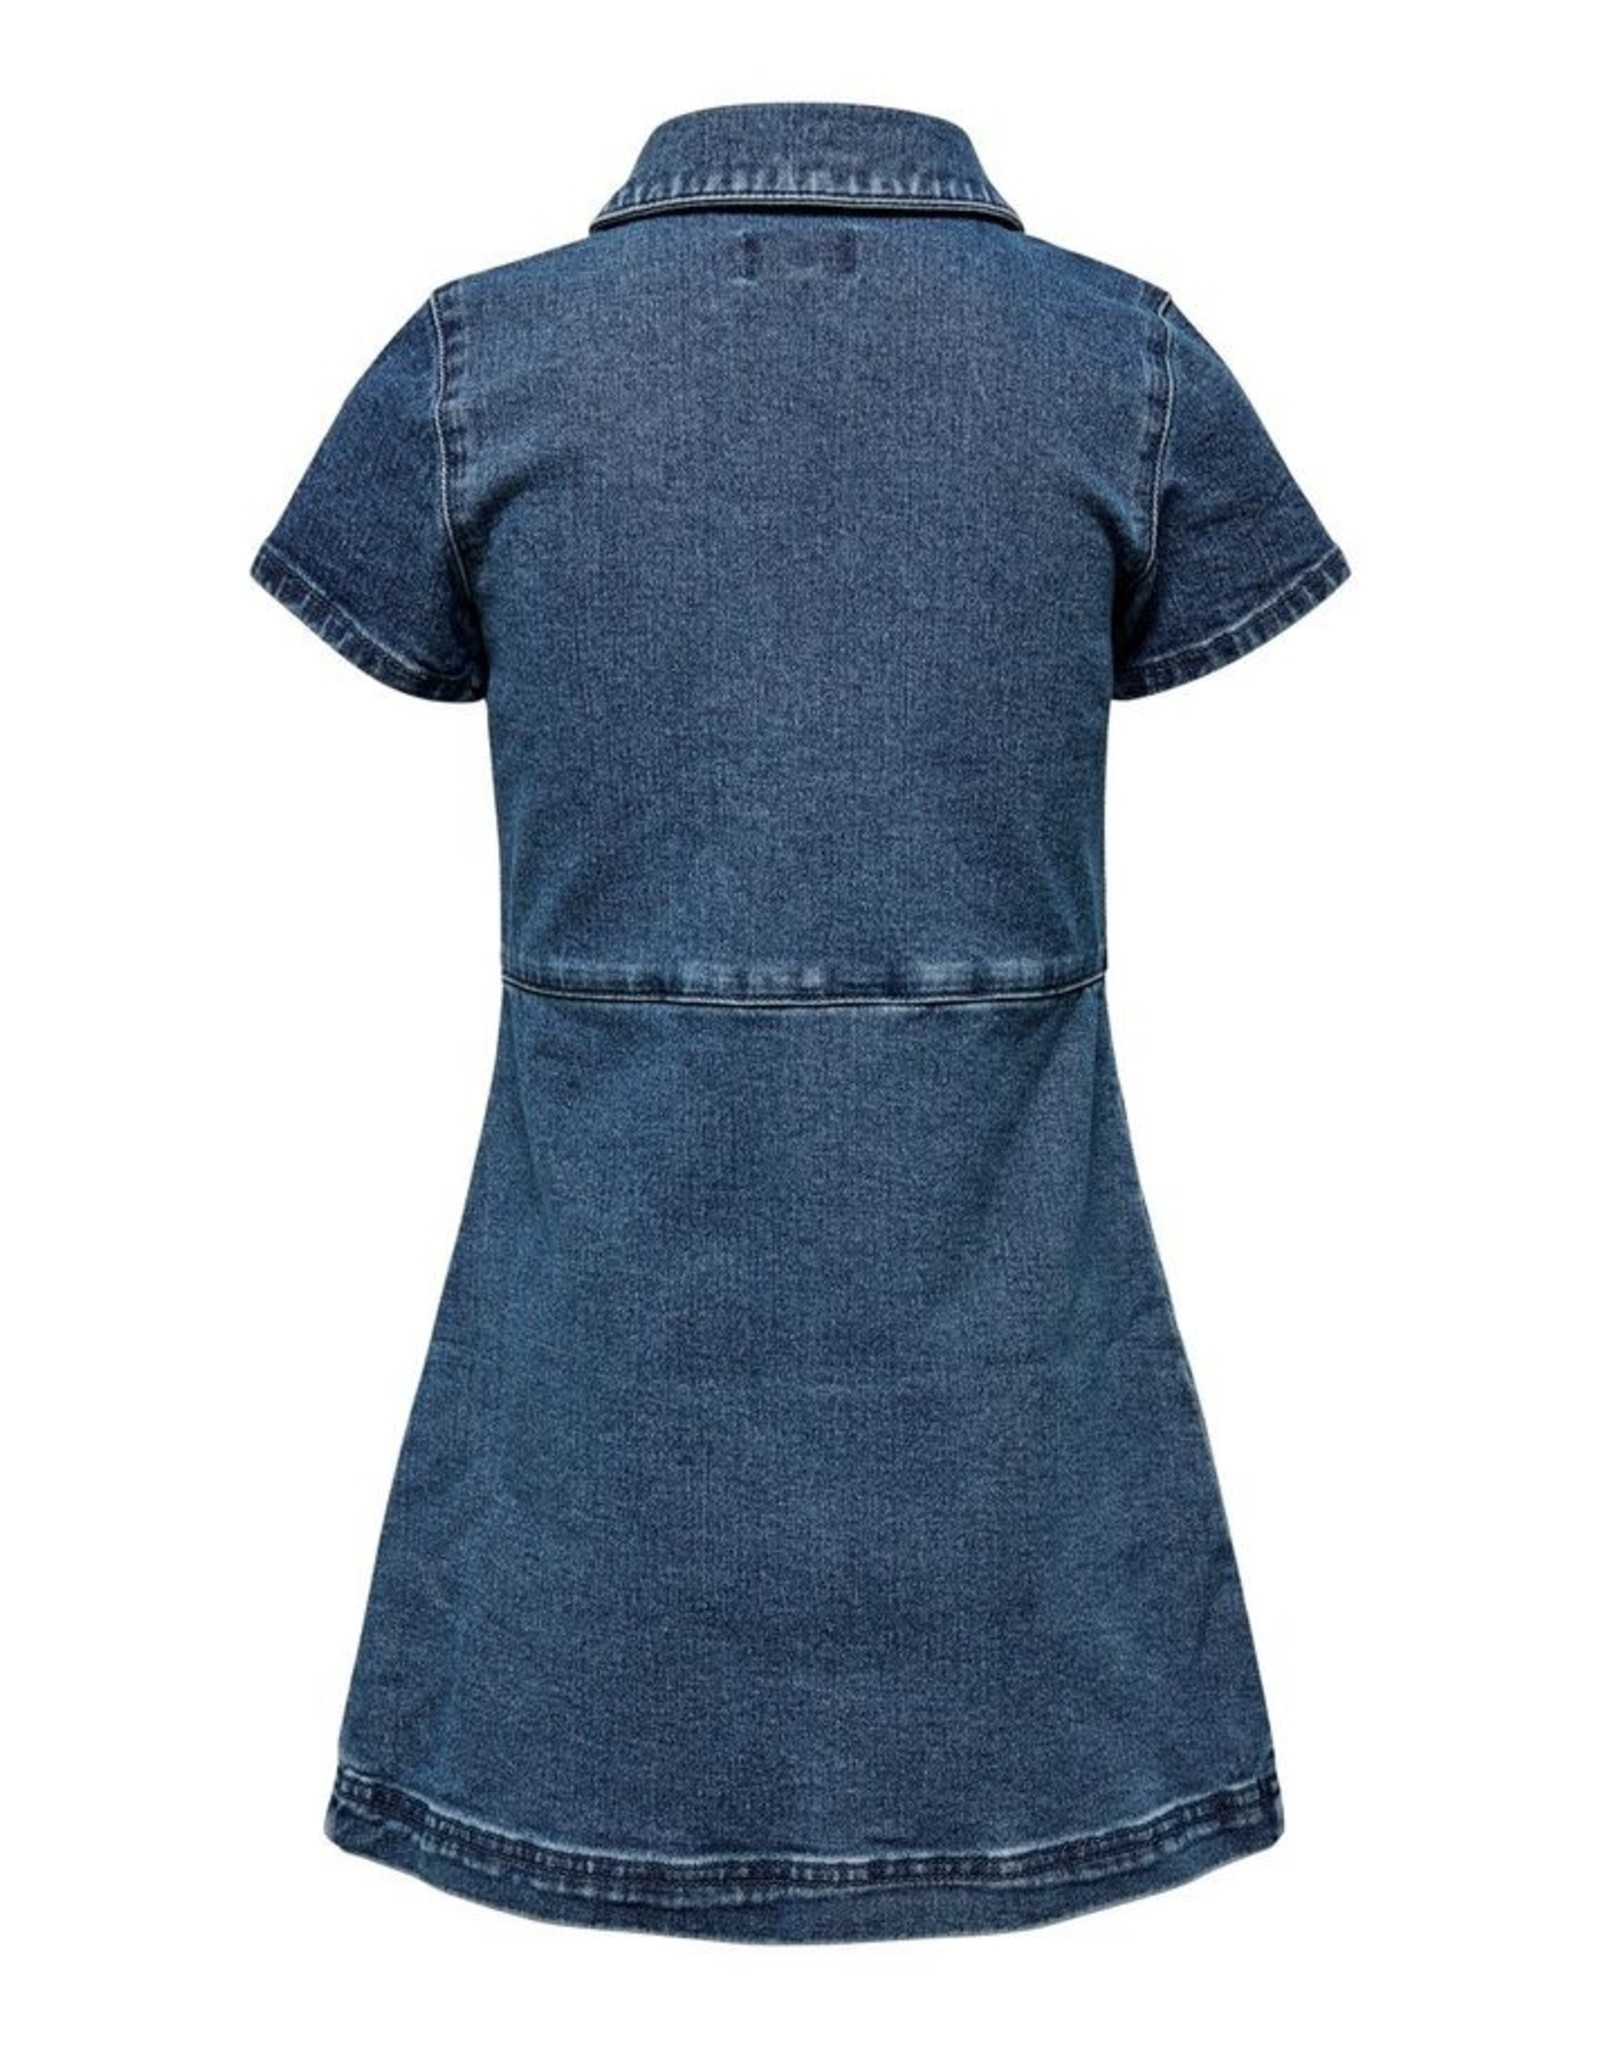 KIDS ONLY Jeans kleedje met zakjes